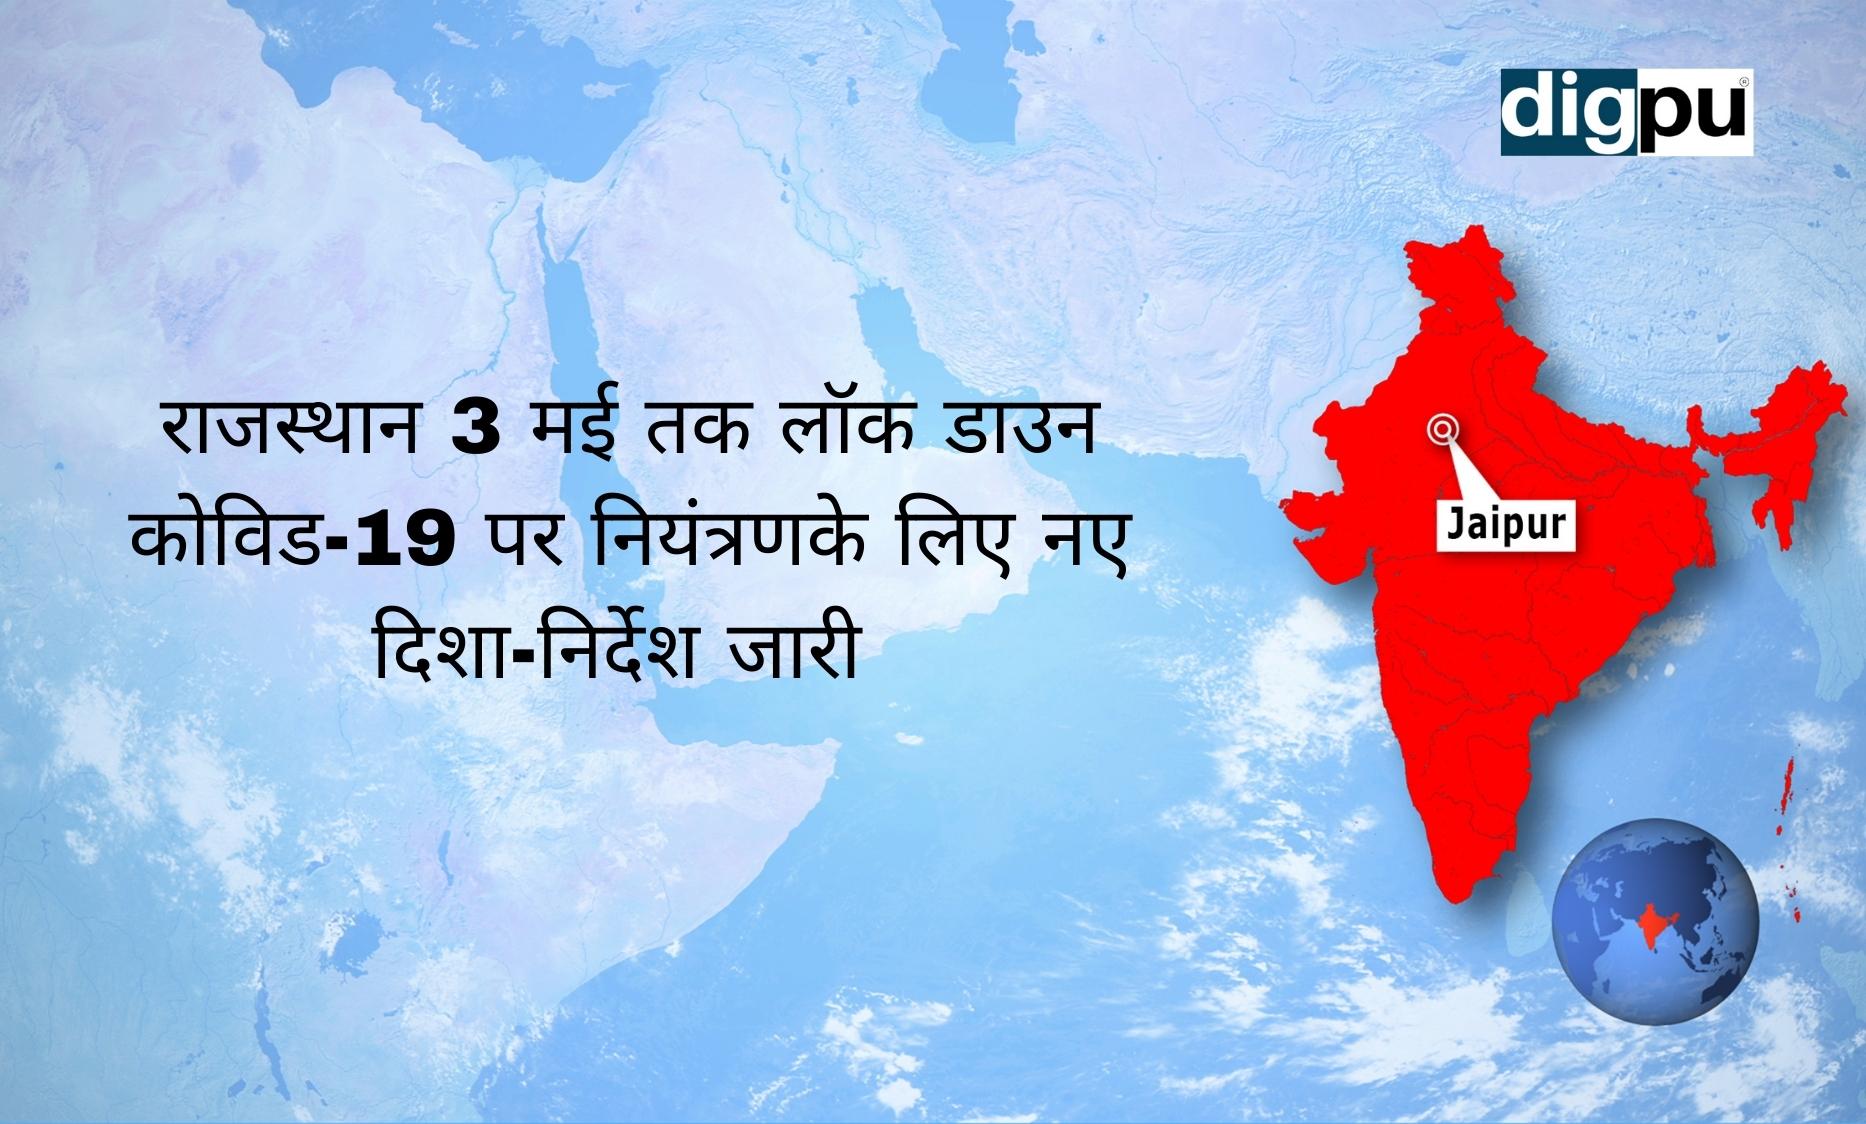 राजस्थान 3 मई तक लॉक डाउन कोविड-19 पर नियंत्रणके लिए नए दिशा-निर्देश जारी -